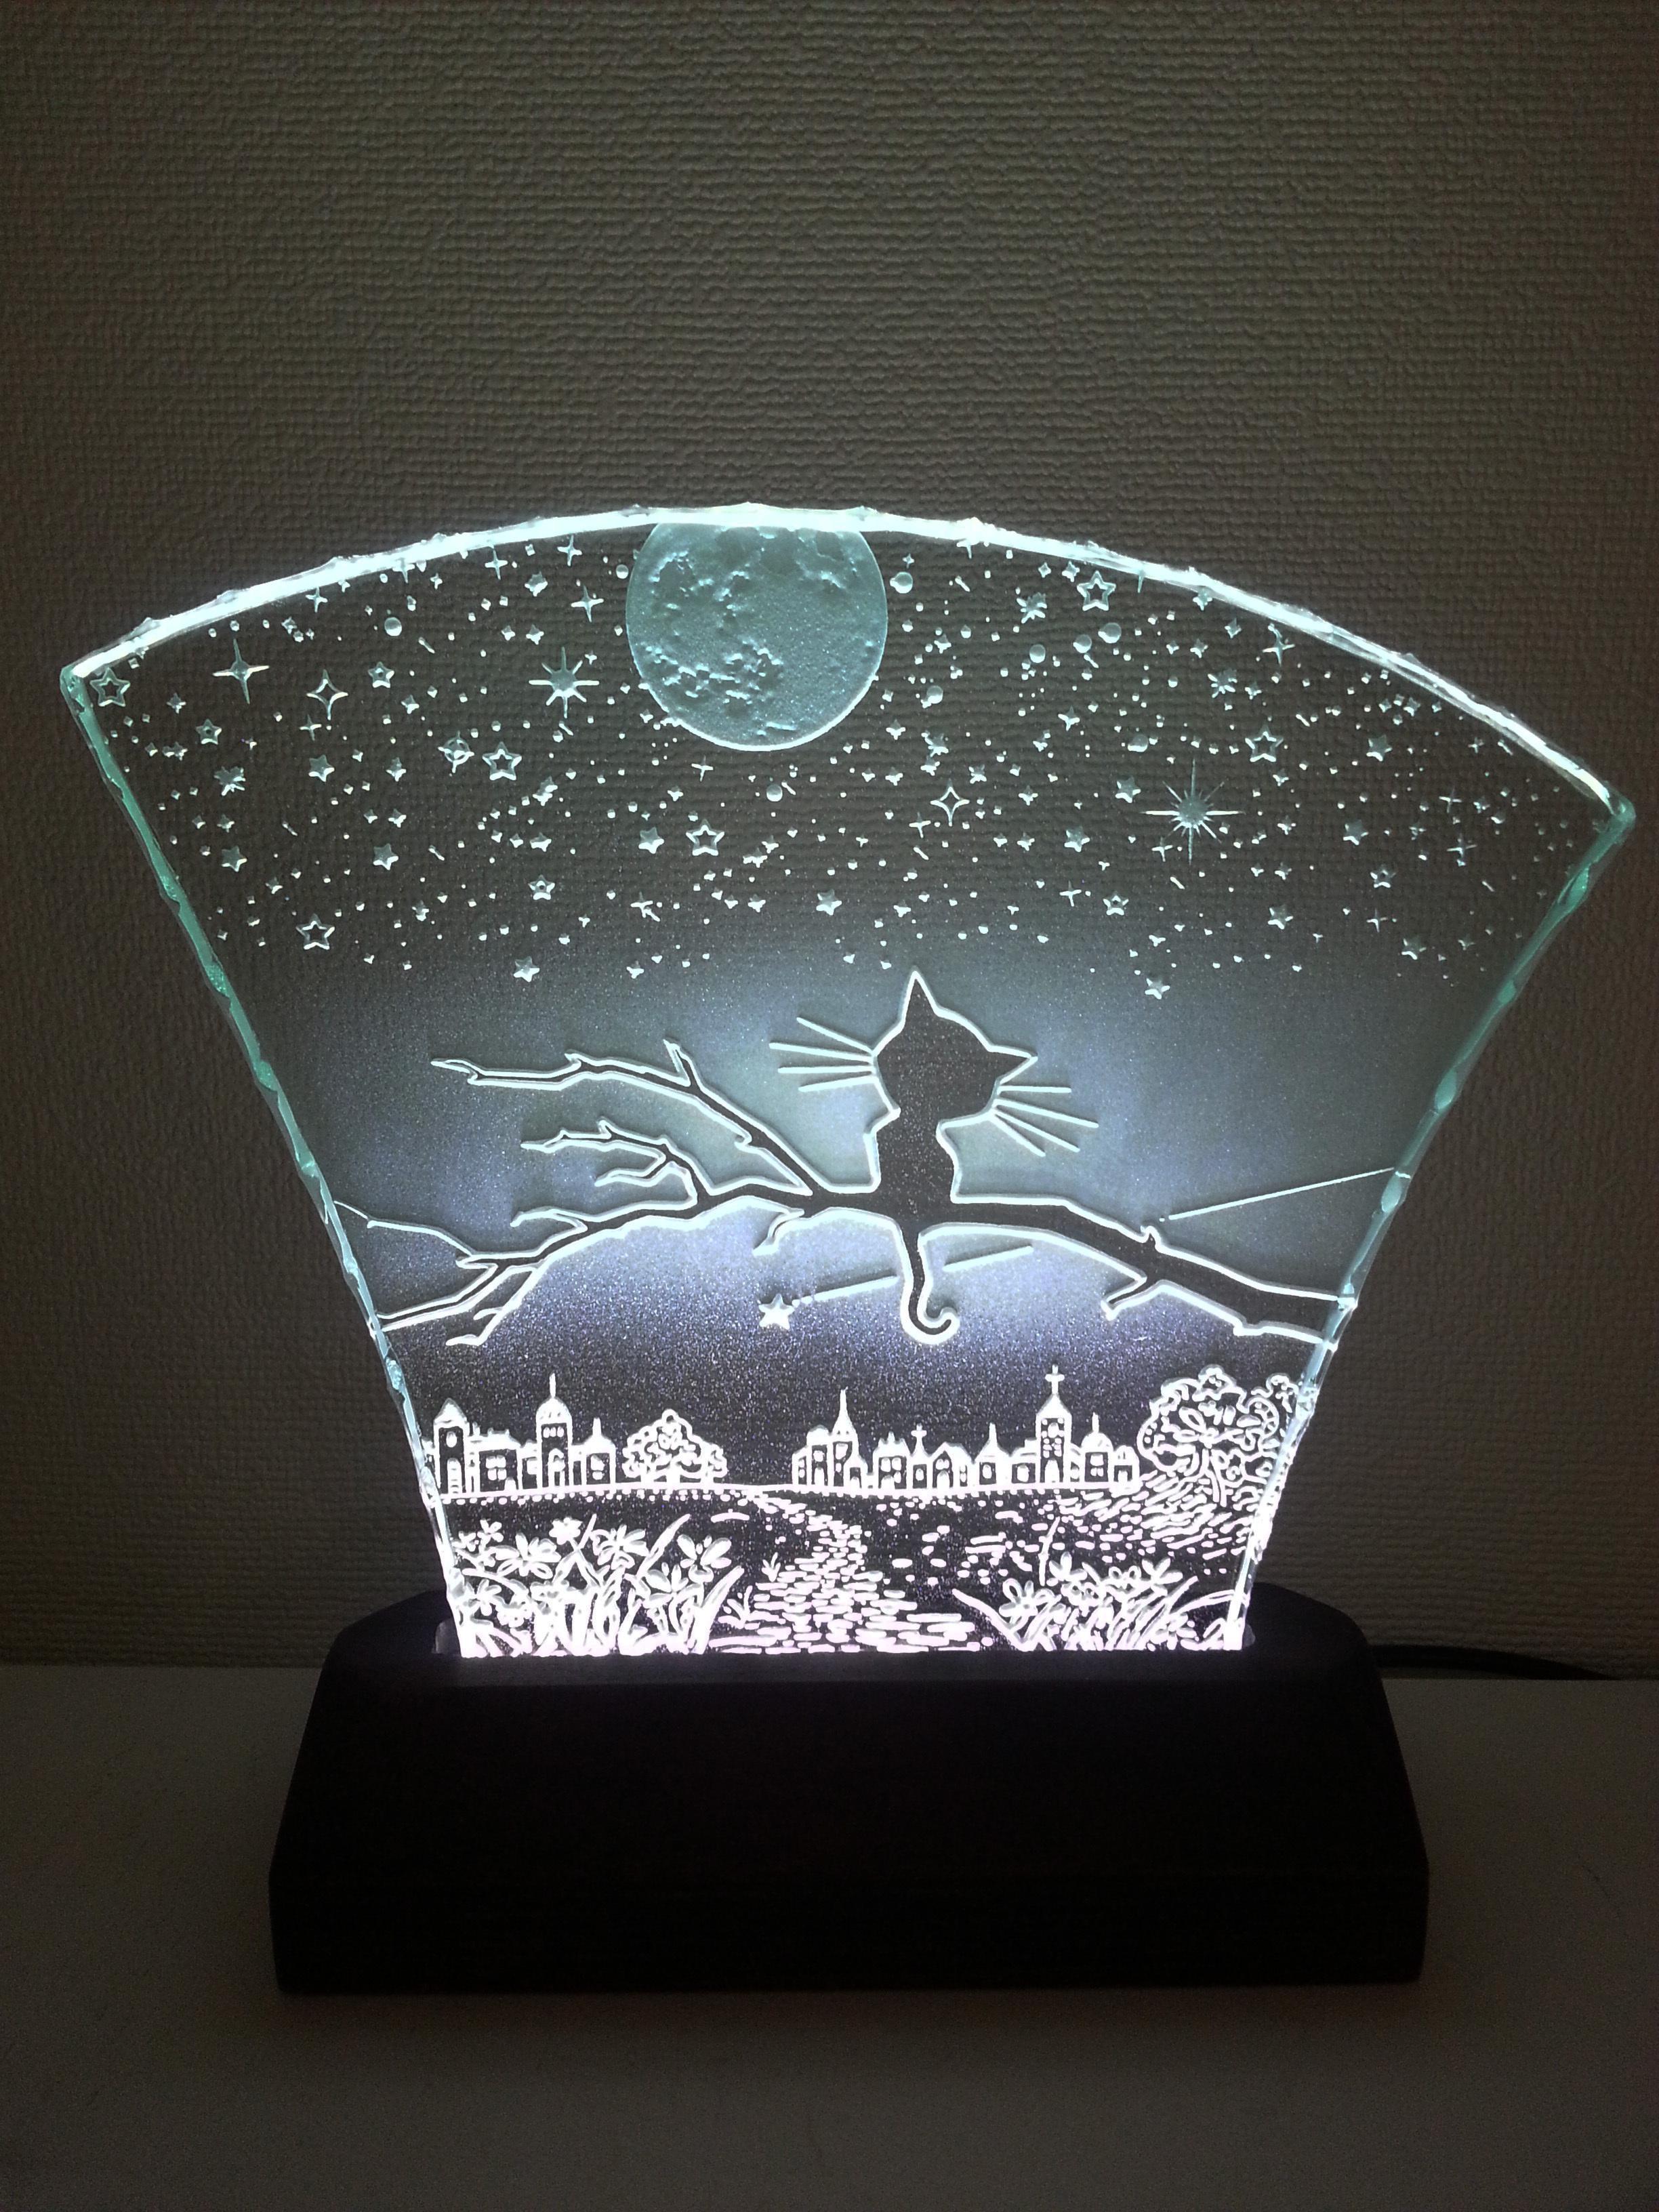 星降る夜・ネコ ガラスエッチングパネル Mサイズ・LEDスタンドセット